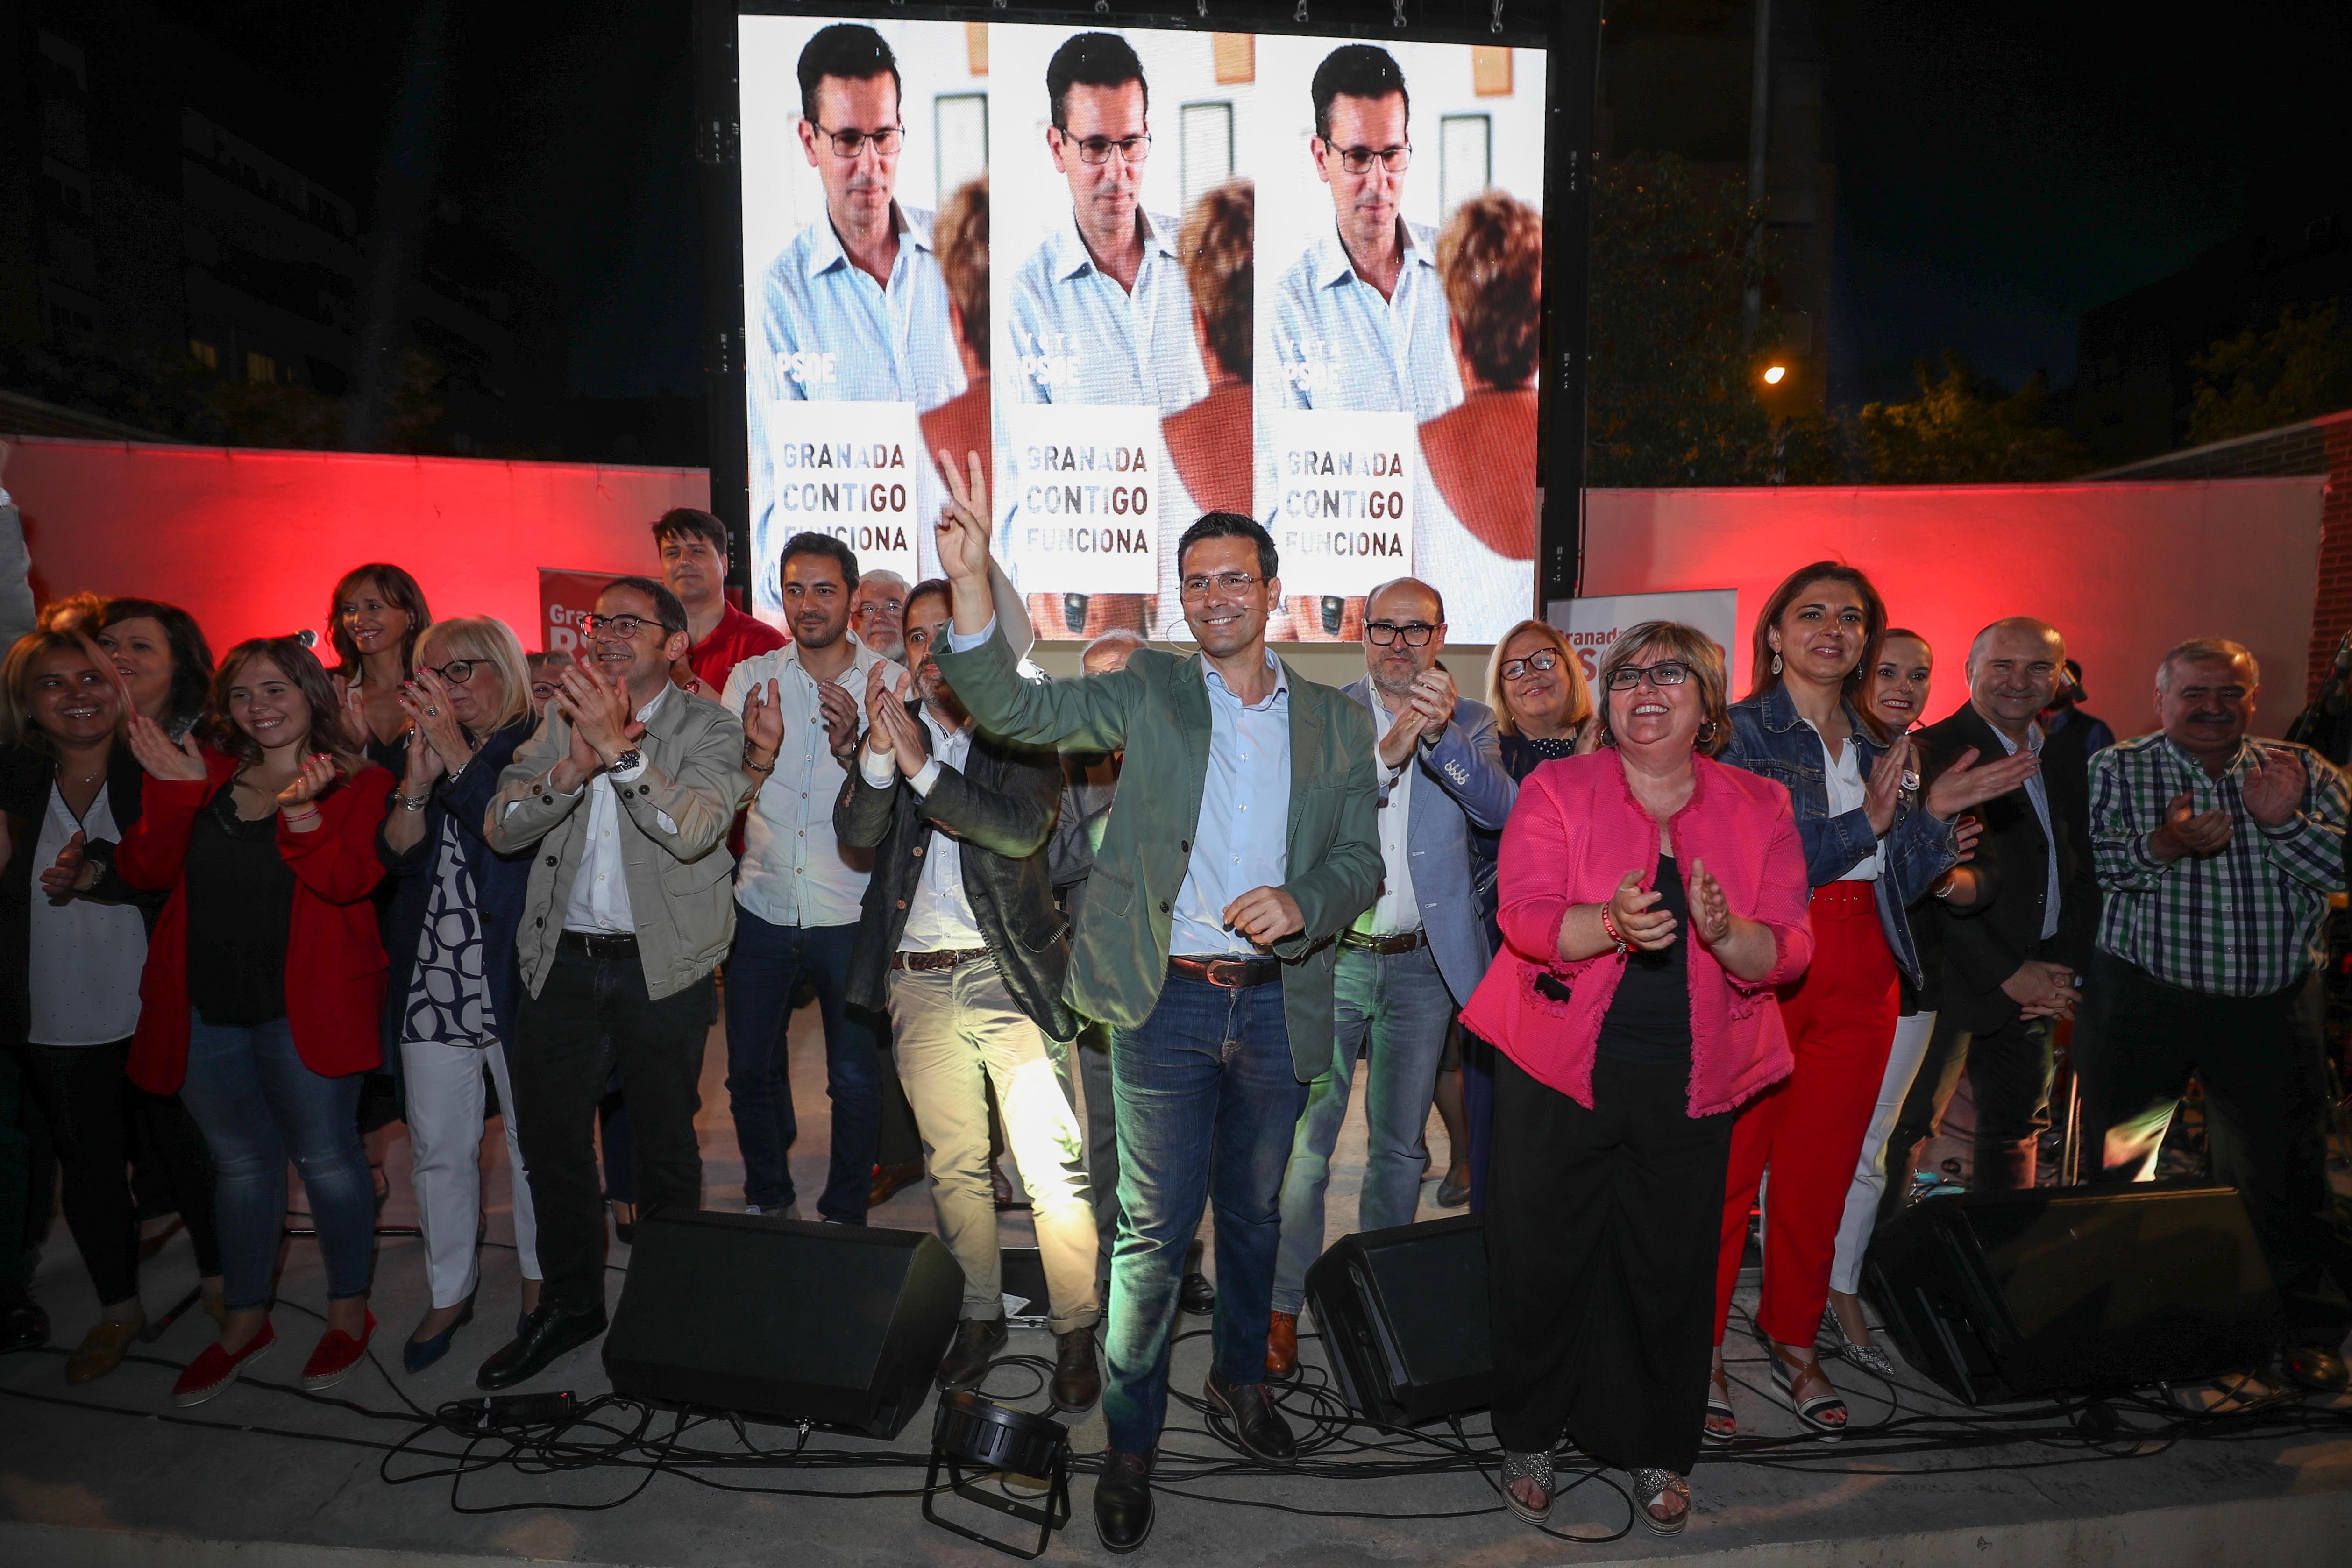 #26M: Cuenca llama a votar contra el «retroceso» de una suma de derechas y defiende un proyecto «de continuidad»